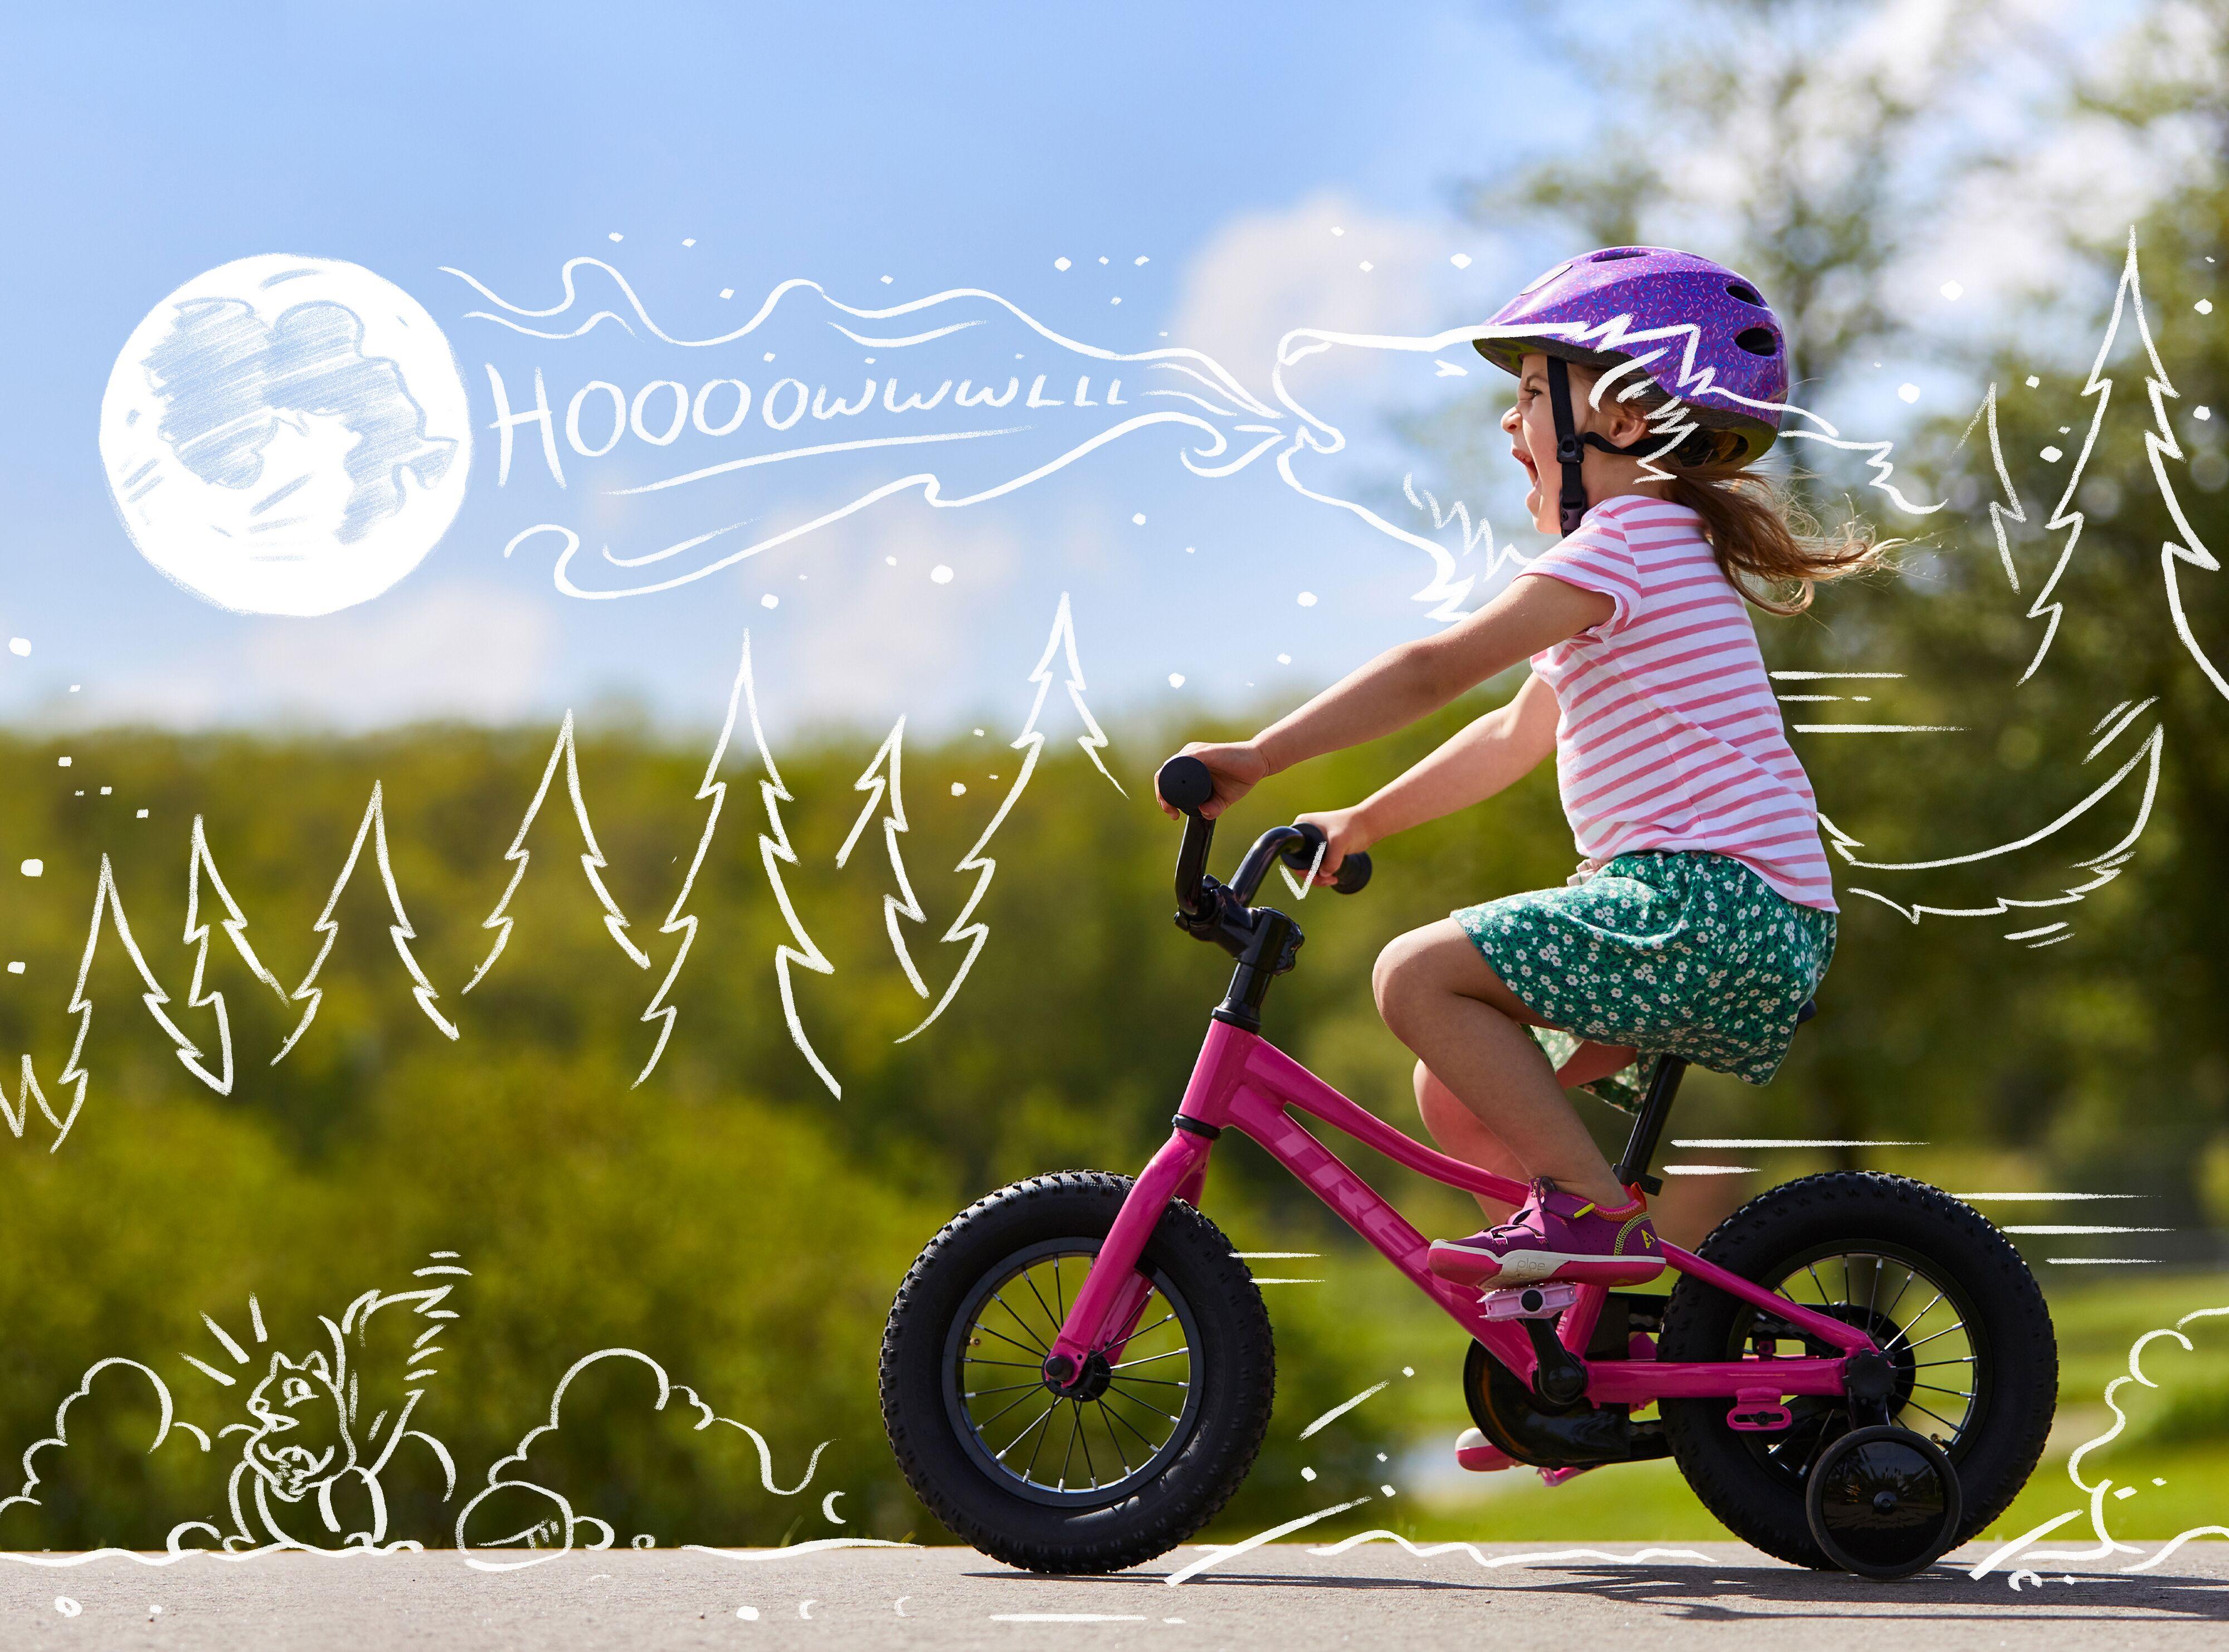 サンタさ~ん!プレゼントに自転車はどうでしょうか? -16インチバイク編-